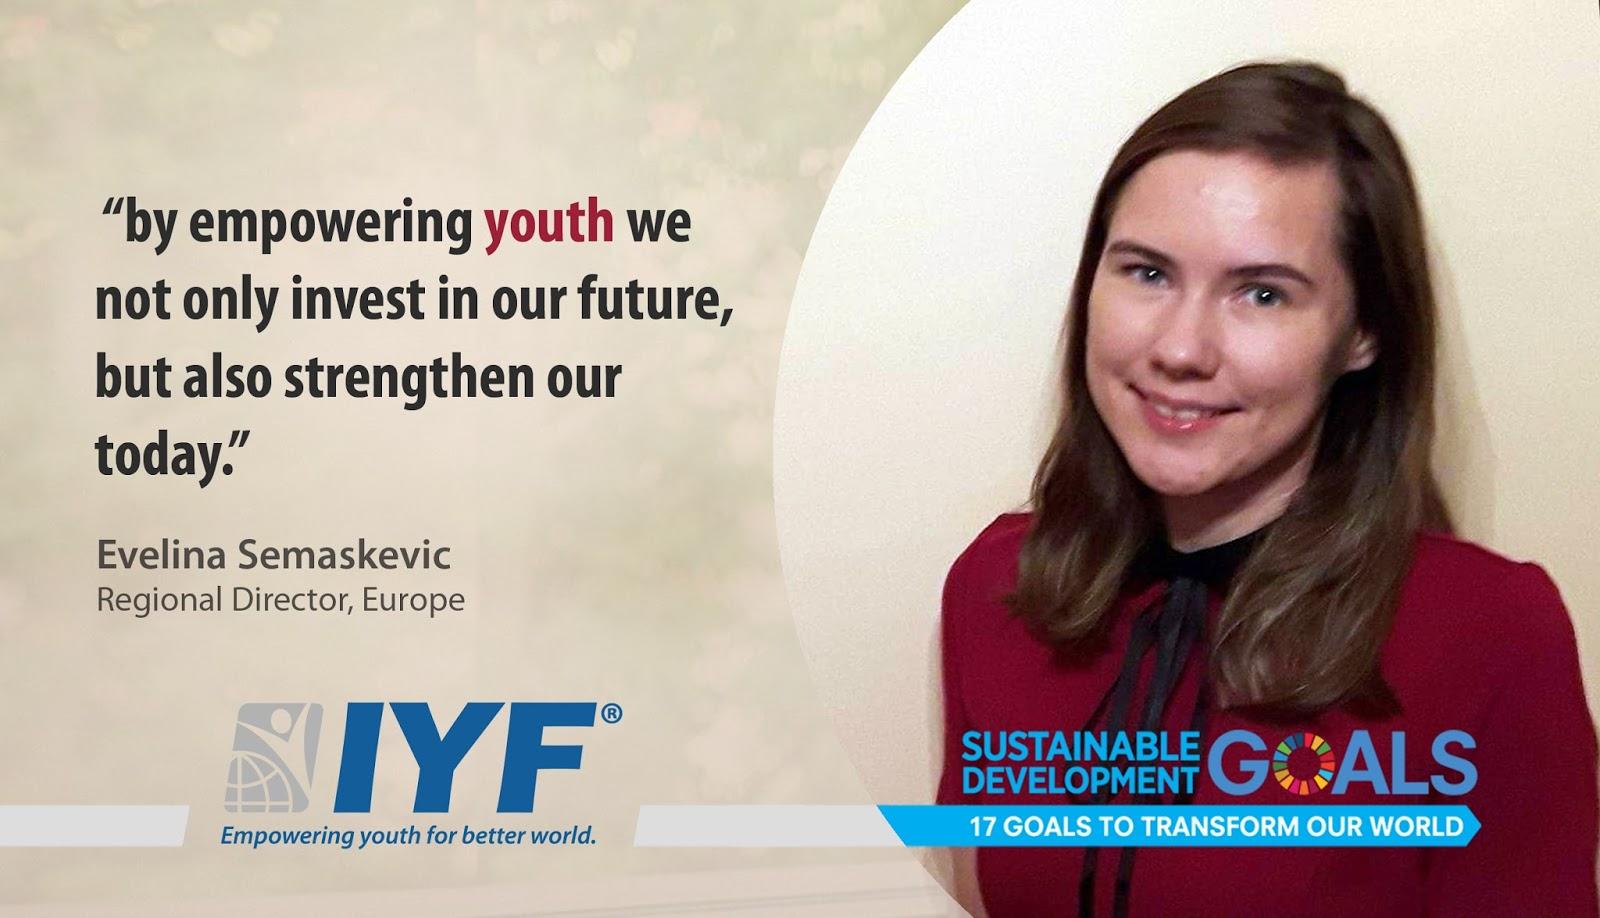 Evelina Semaskevic, IYF Regional Director, Europe